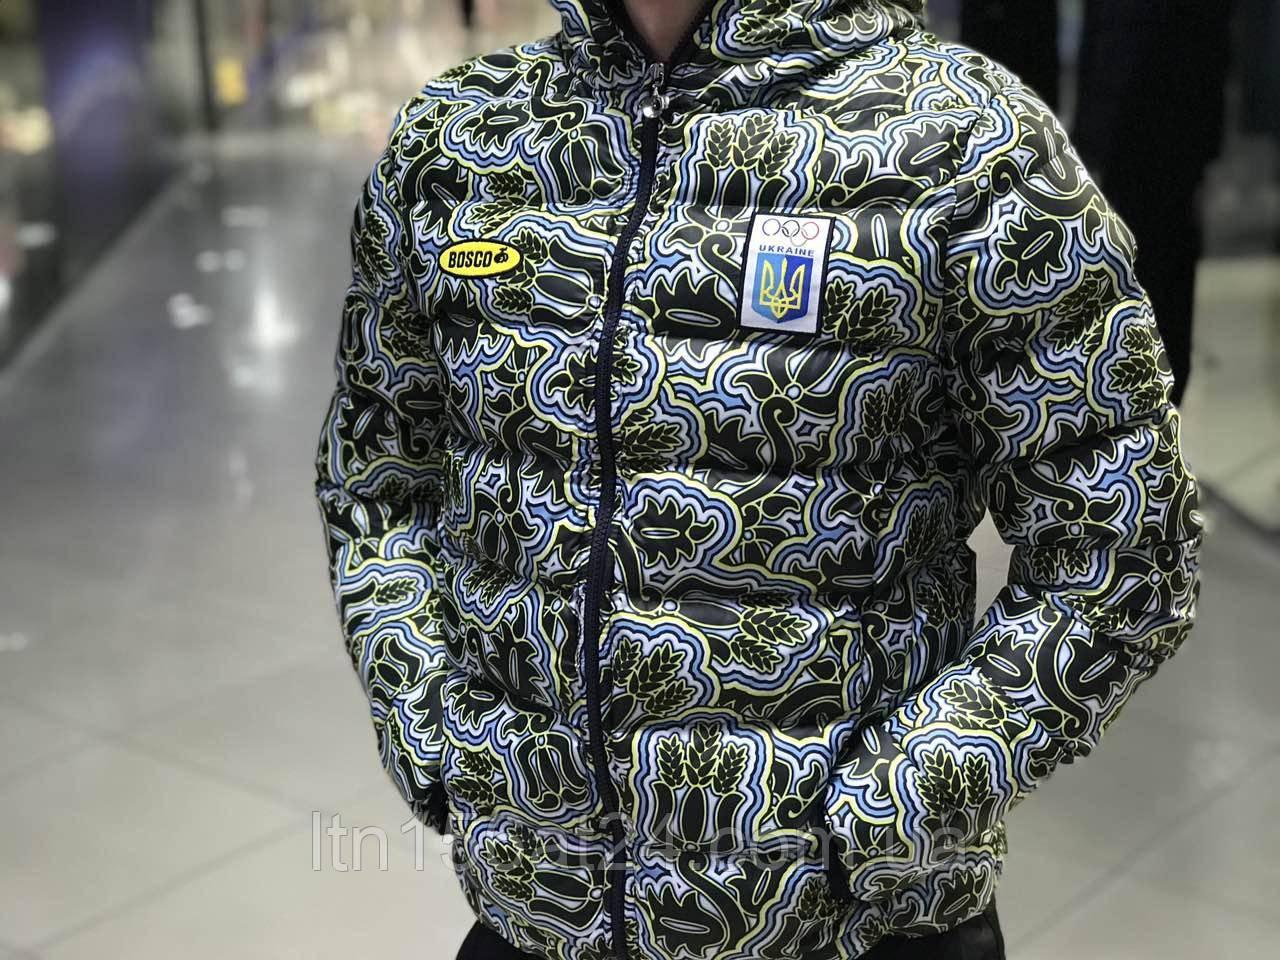 Зимова куртка Боско Спорт Україна / Bosco Sport Ukraine